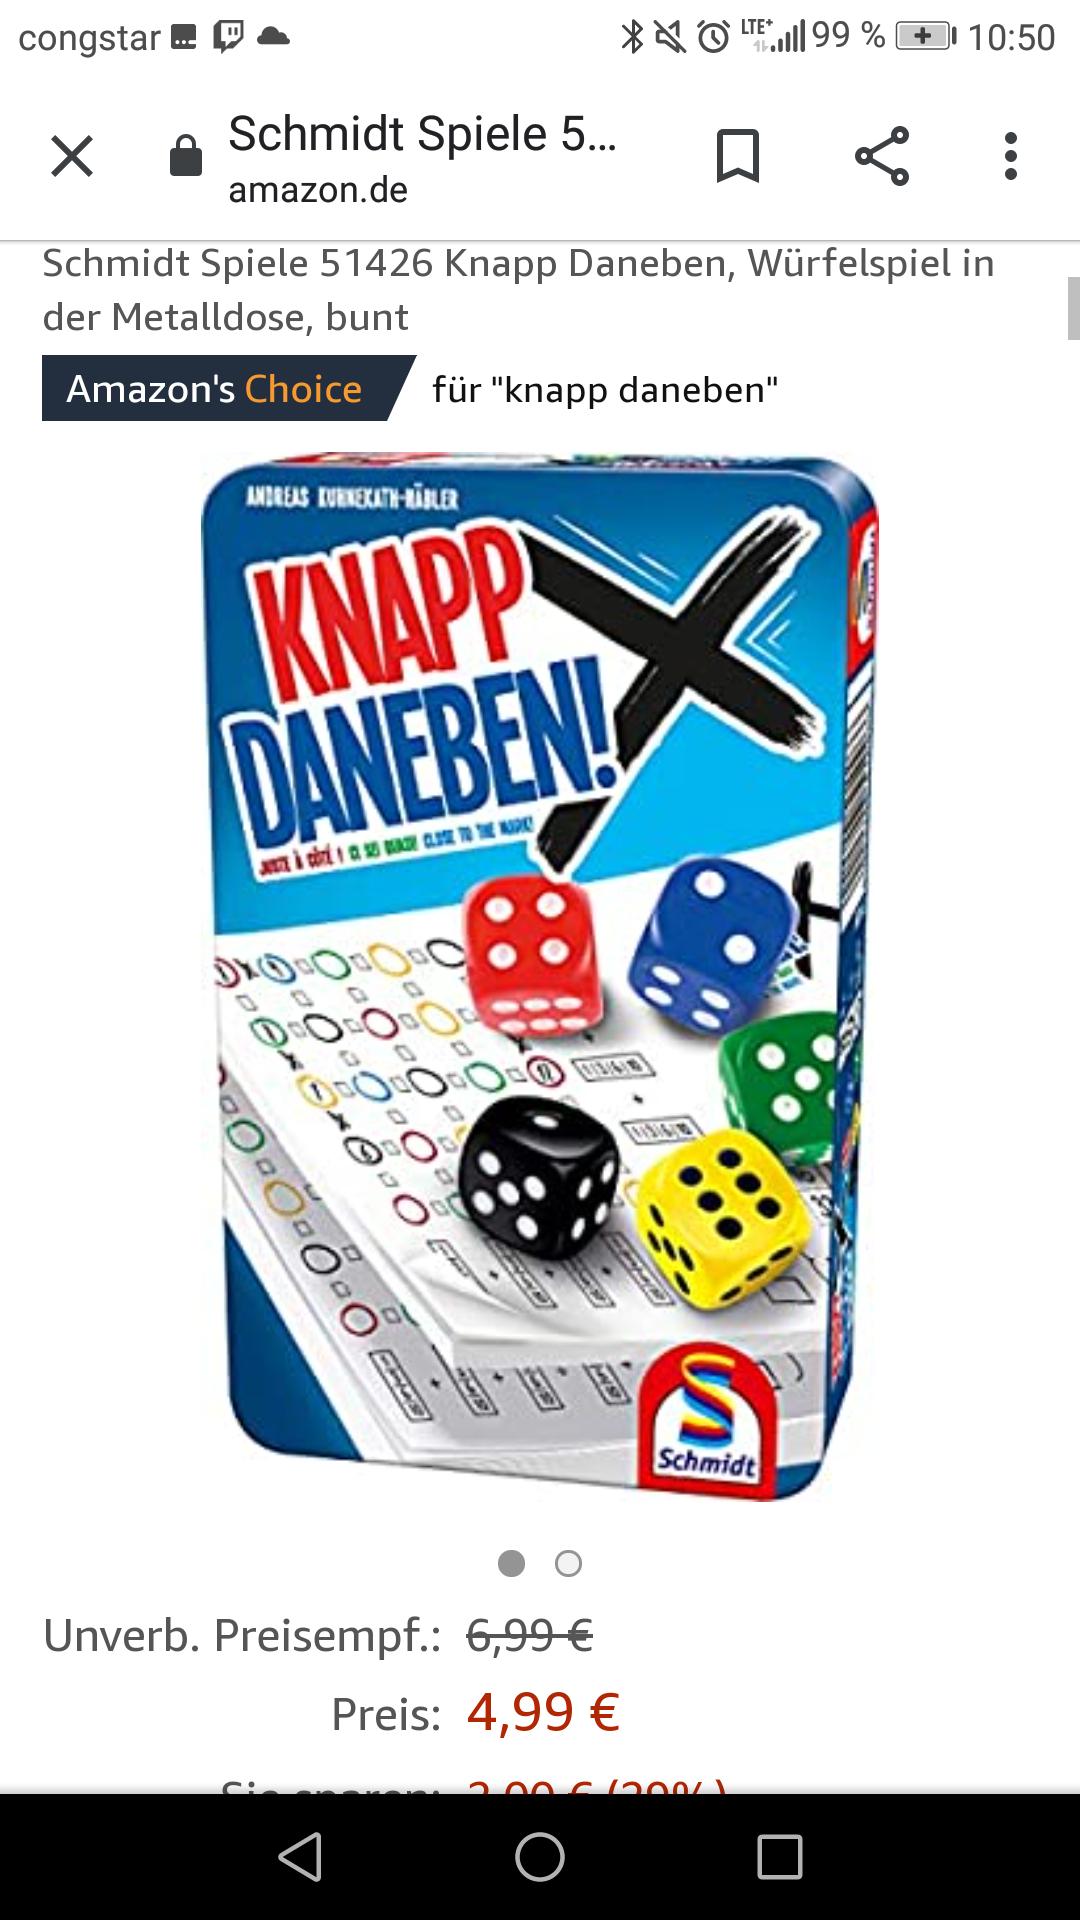 Schmidt Spiele 51426 Knapp Daneben, Würfelspiel in der Metalldose, bunt